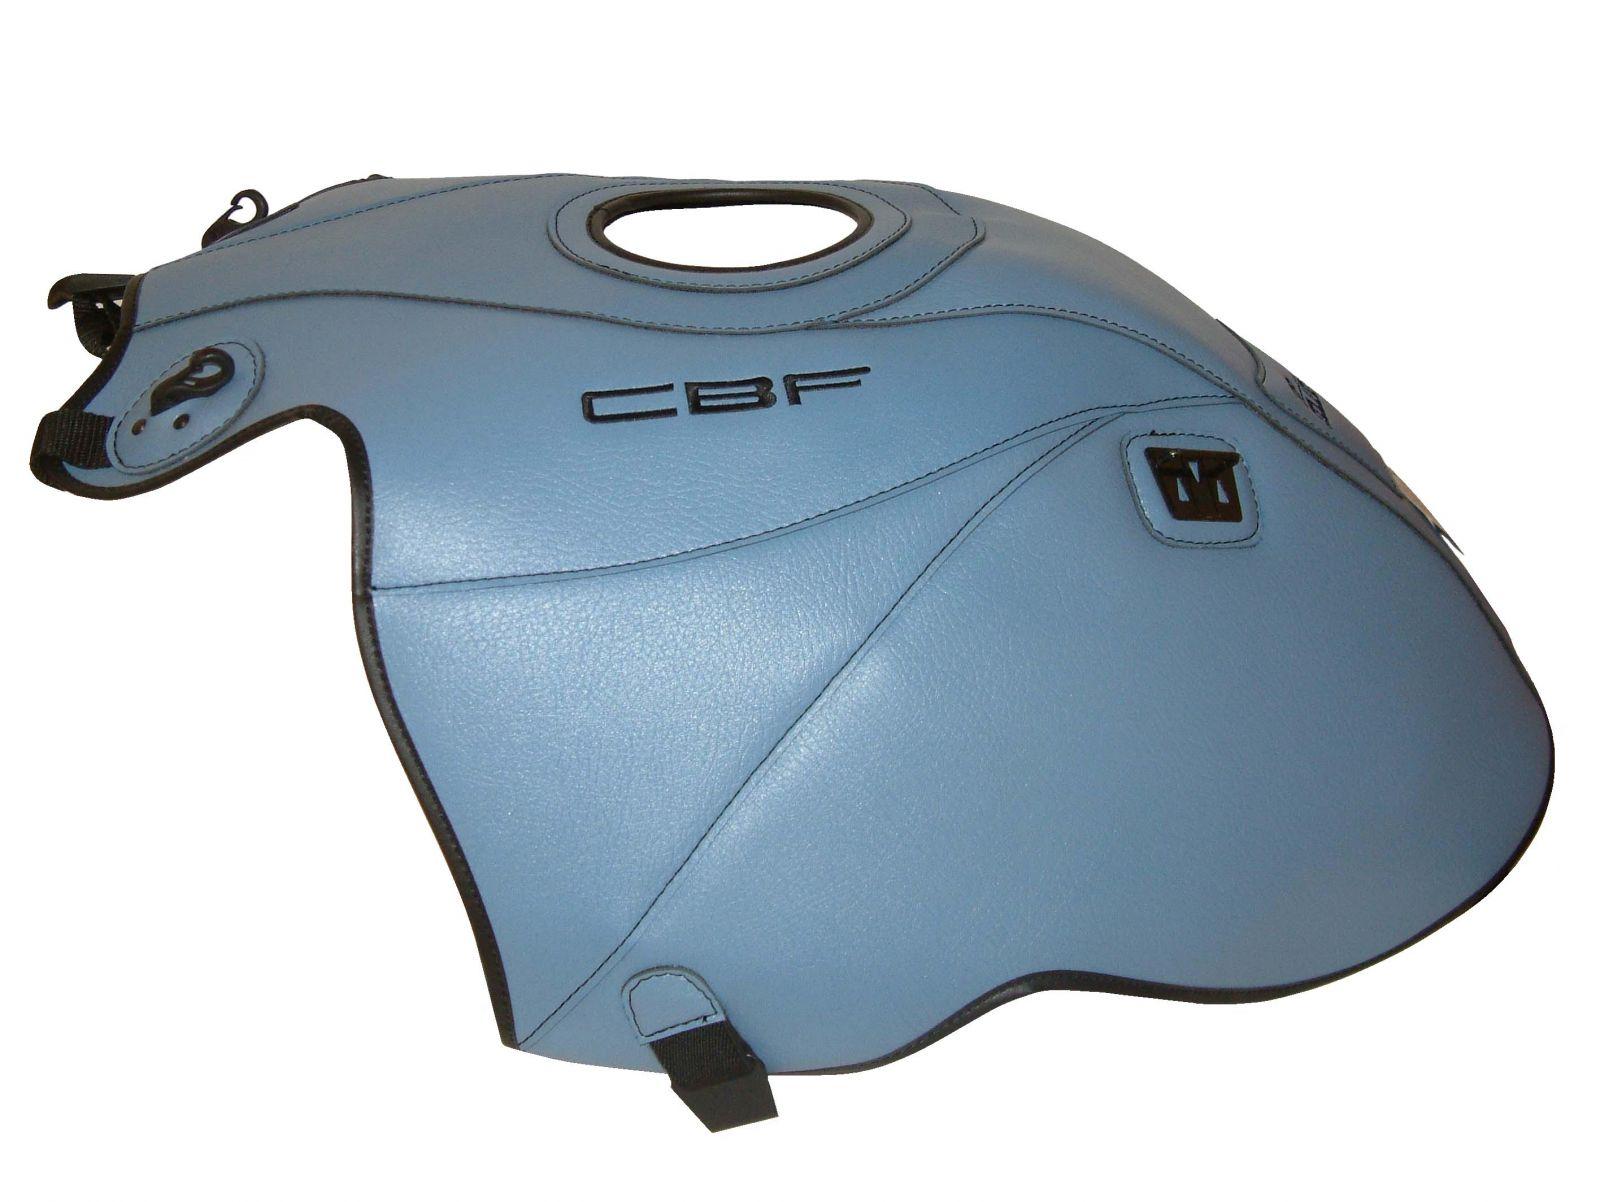 Petrol tank cover TPR4839 - HONDA CBF 600 S [2004-2007]